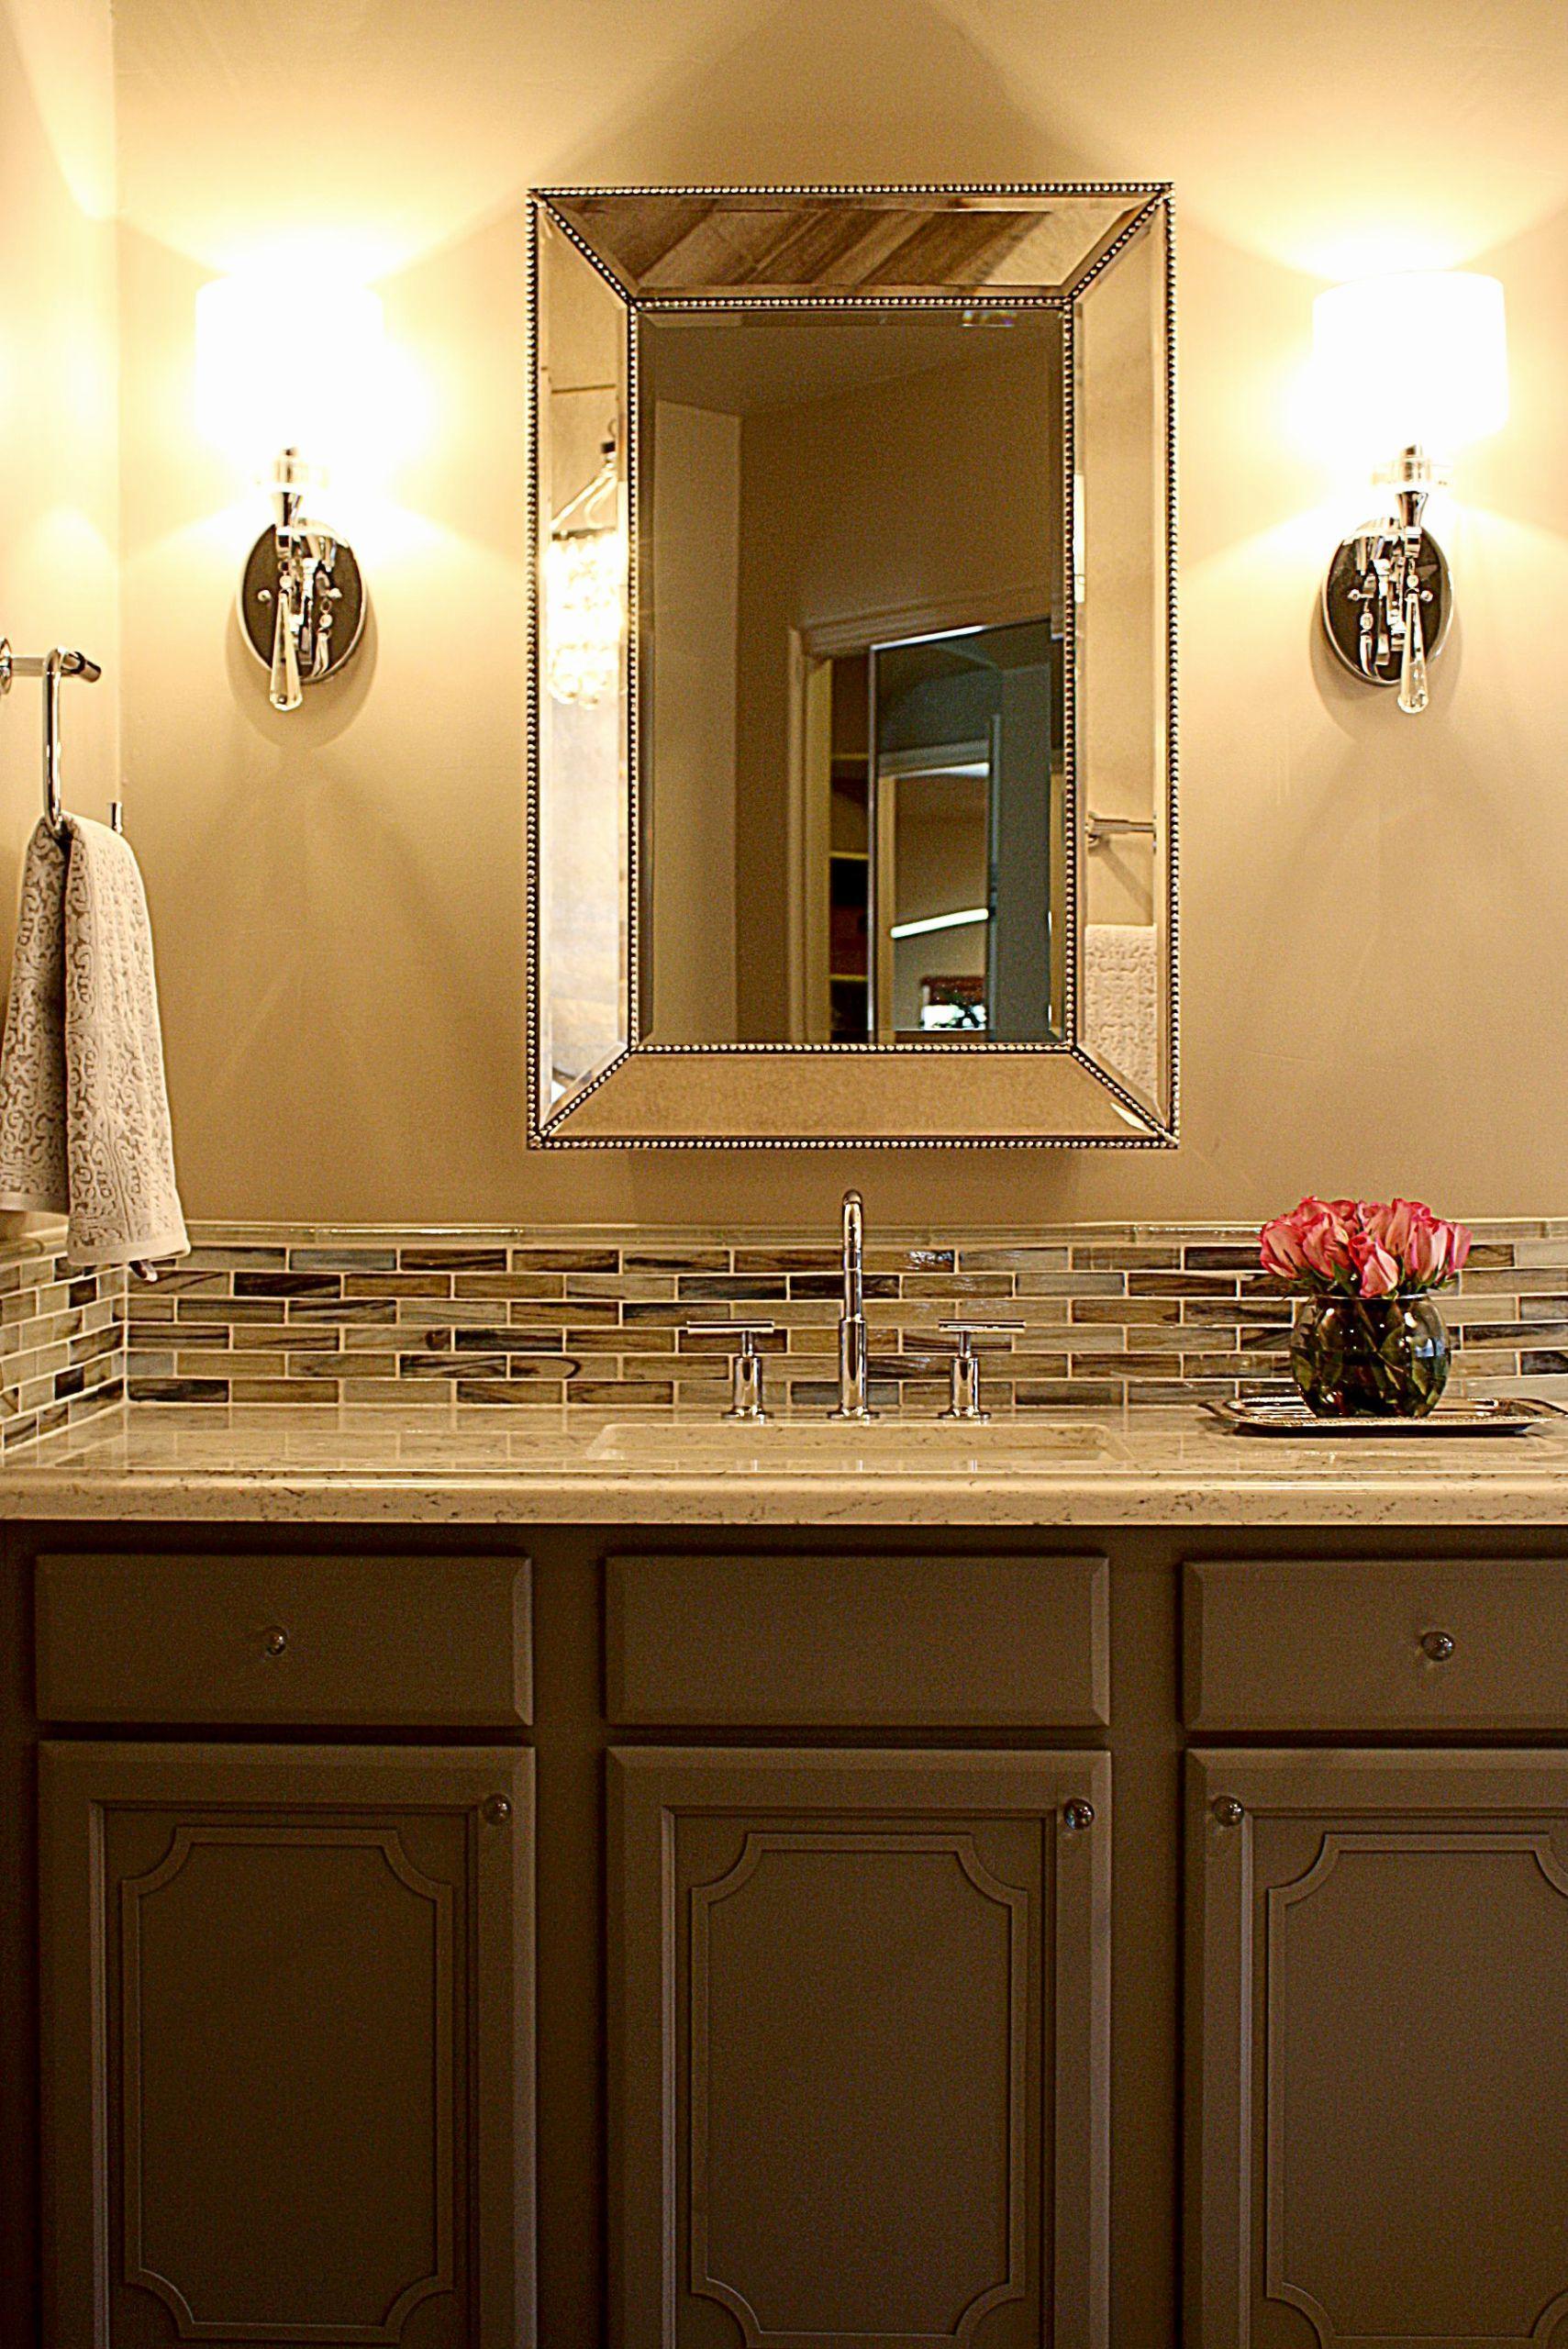 Bathroom Sink Backsplash Ideas New Bathroom Vanity Tile Backsplash Google Search Ba In 2020 Vanity Backsplash Tile Backsplash Bathroom Vanity Unique Bathroom Vanity